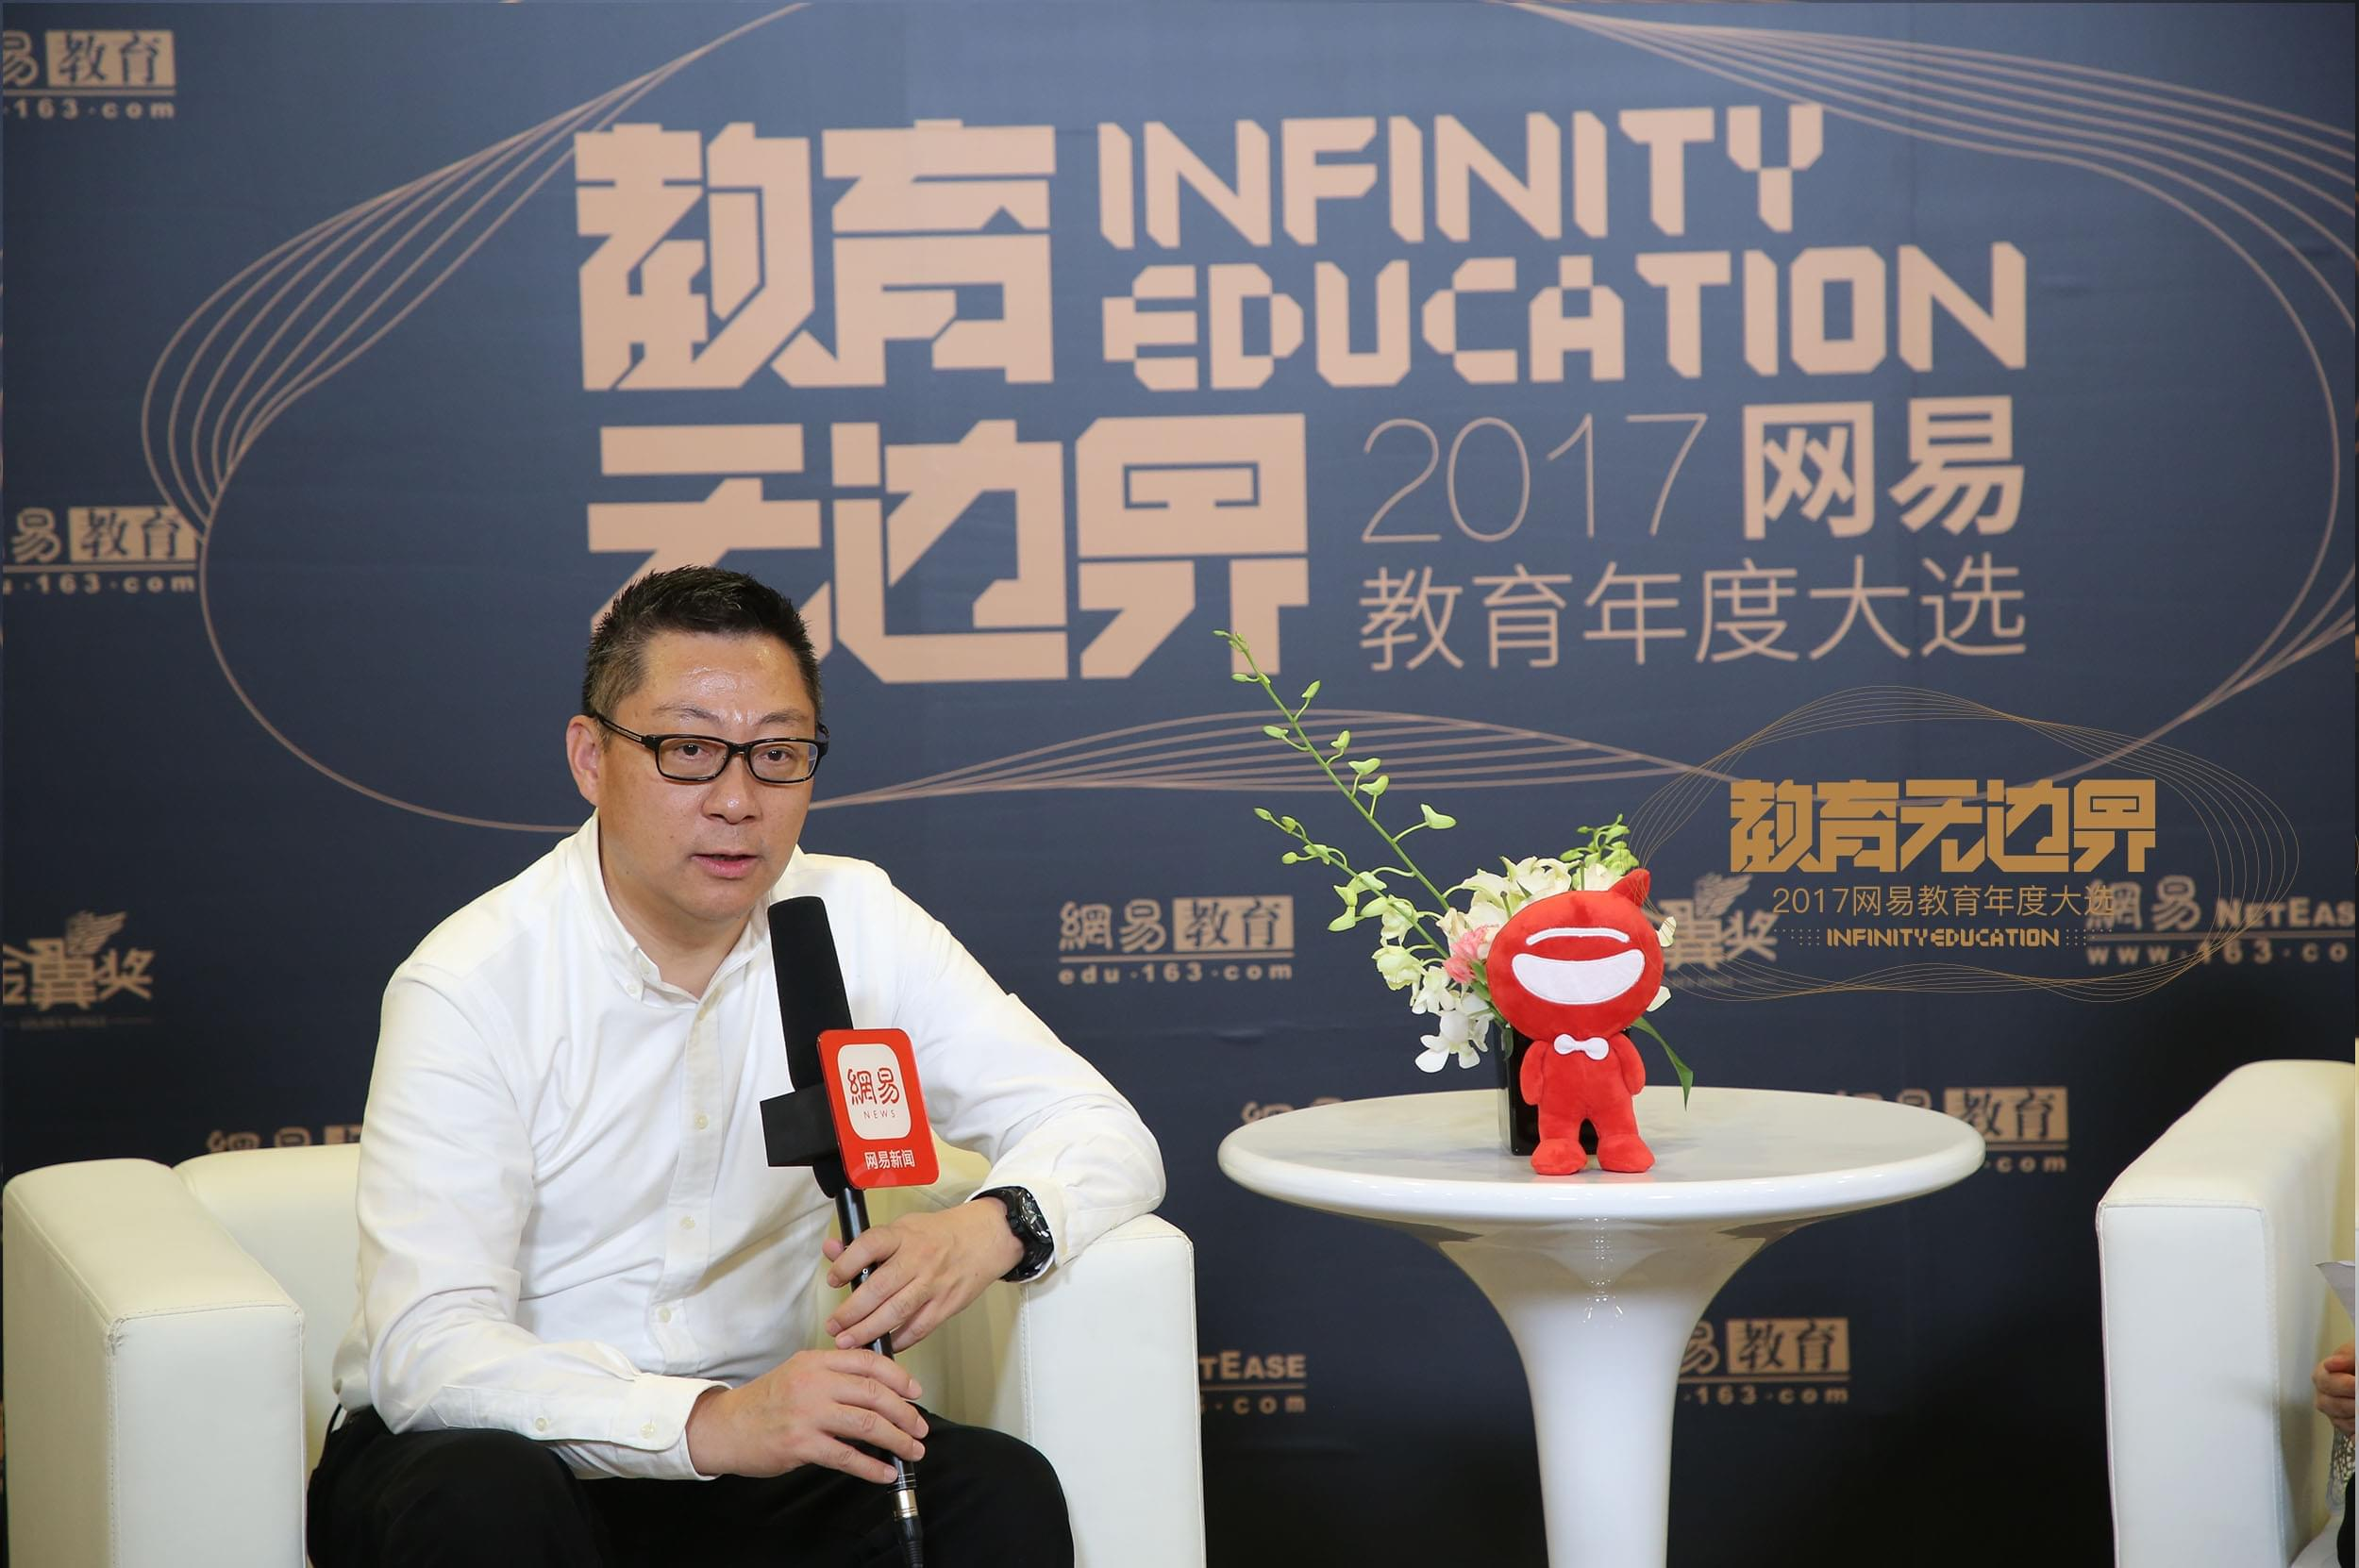 新东方教育科技集团周成刚:孩子需要国际化视野